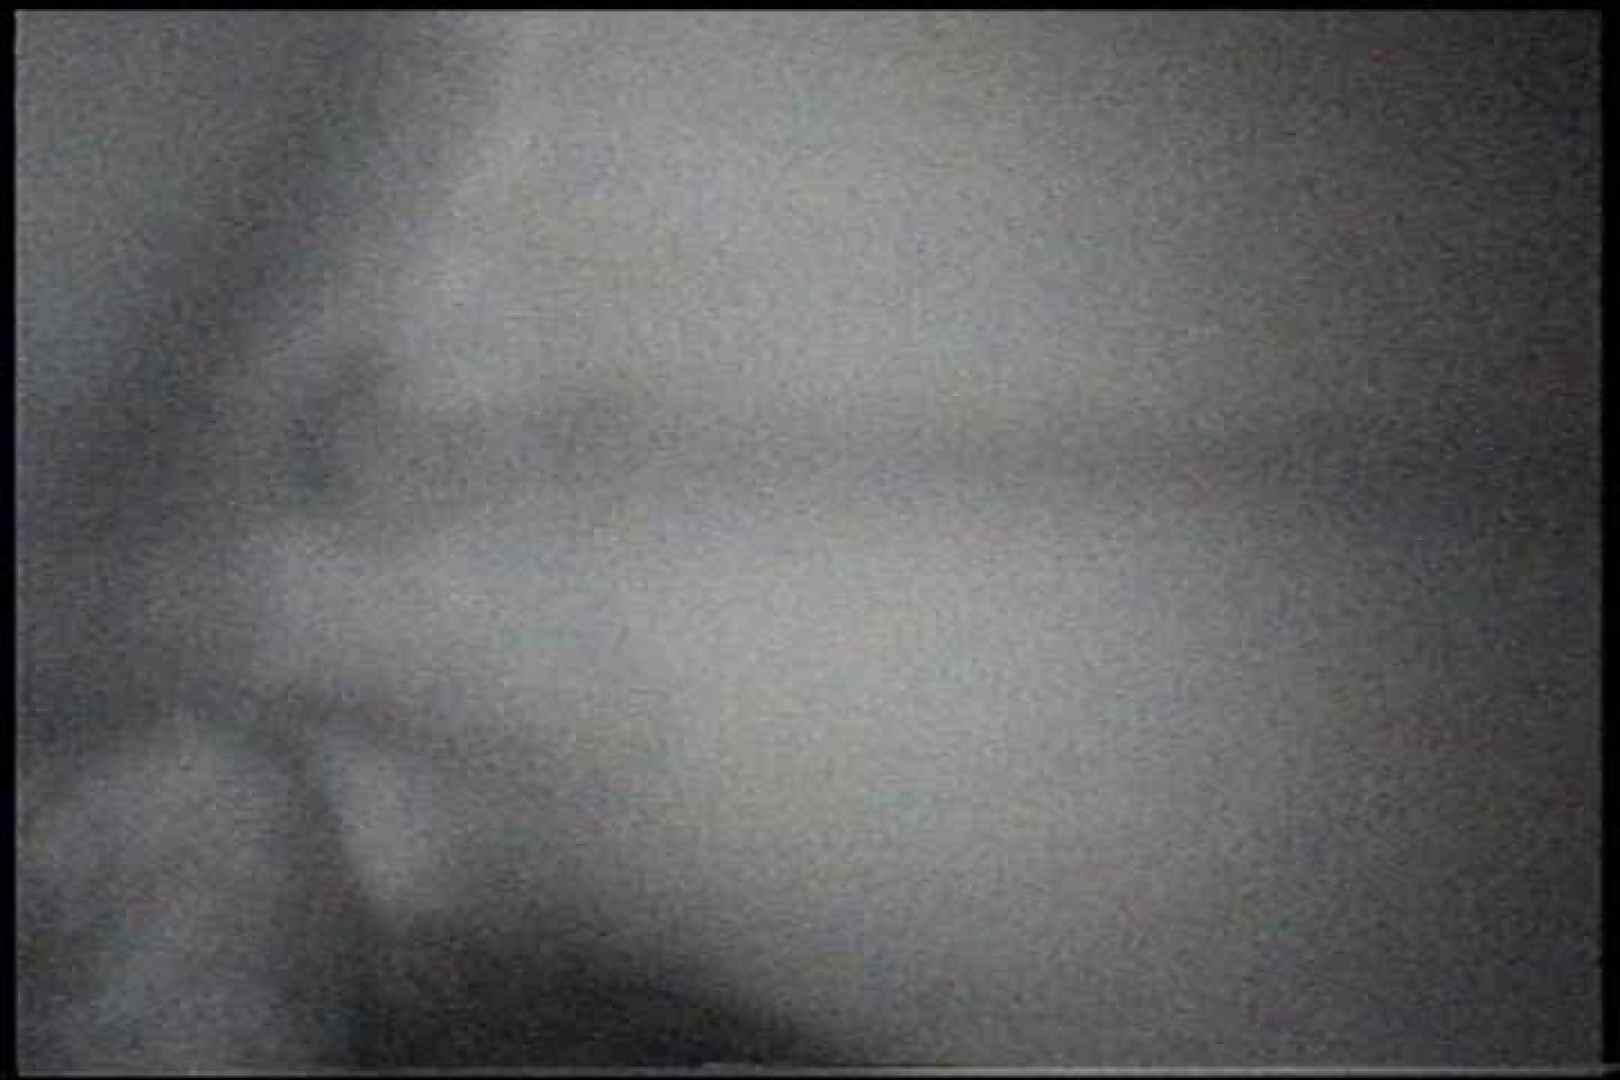 充血監督の深夜の運動会Vol.238 プライベート  105pic 30